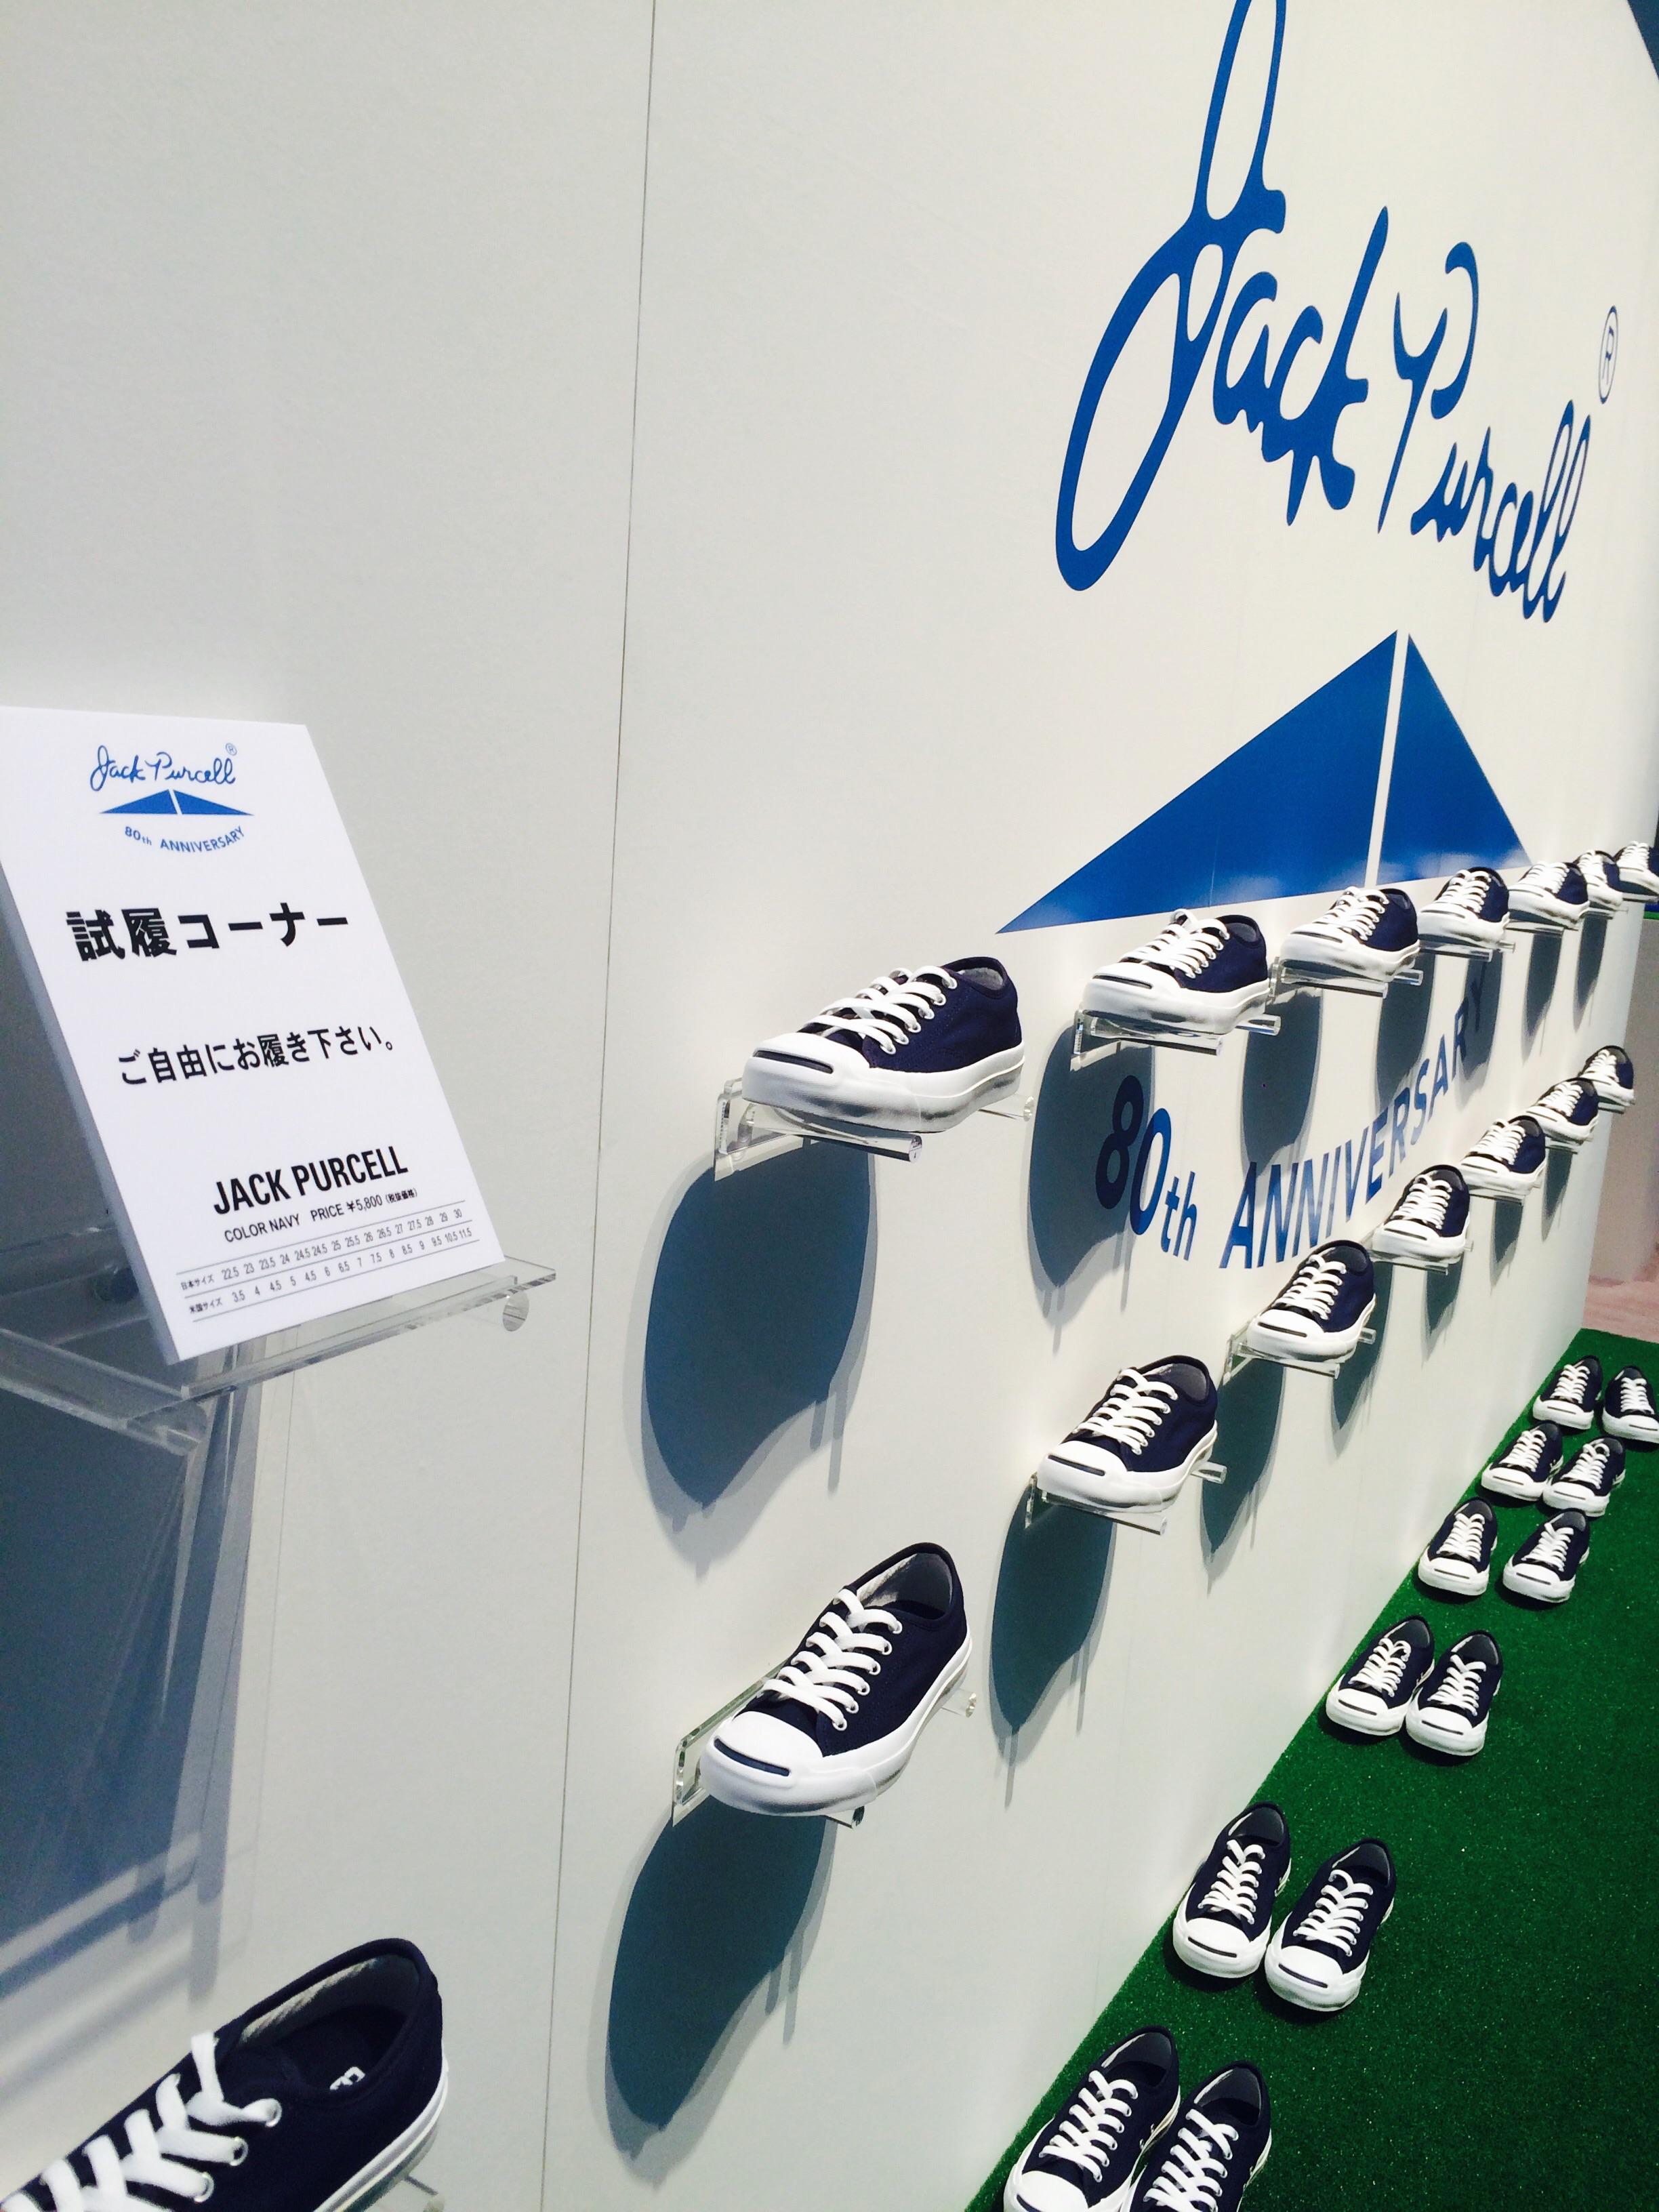 「ジャックパーセル」生誕80周年! 2日間限定のメモリアルイベントを開催☆_3